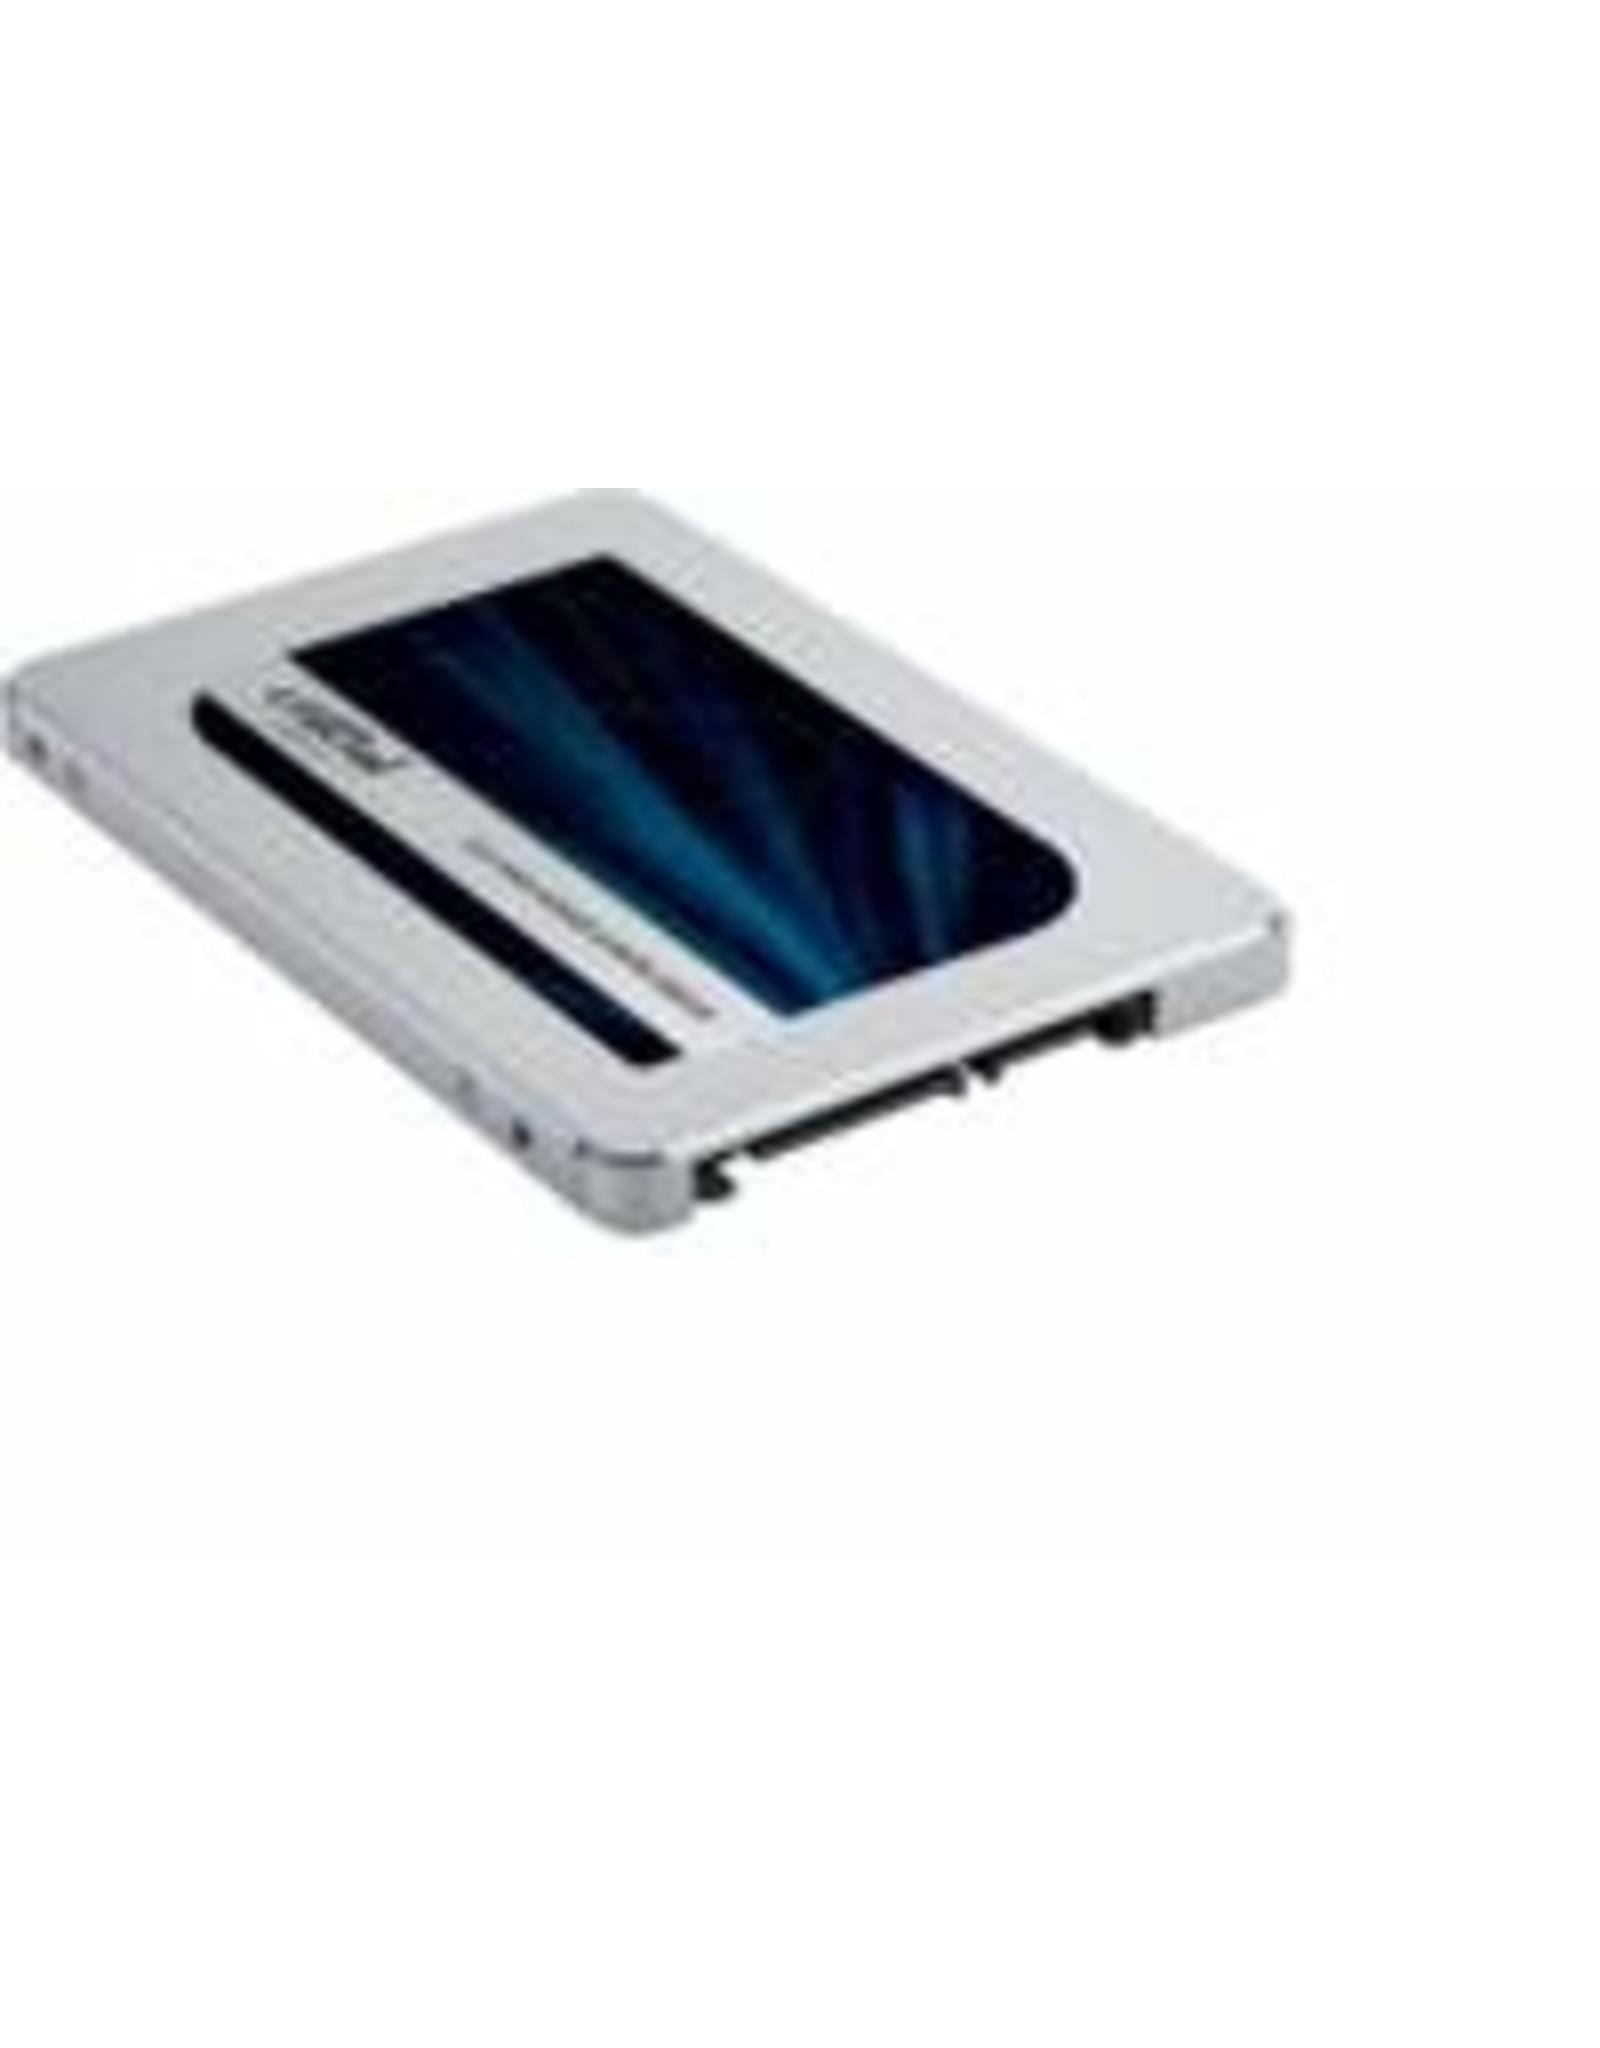 Crucial SSD  MX500 500GB  560MB/s Read 510 MB/s